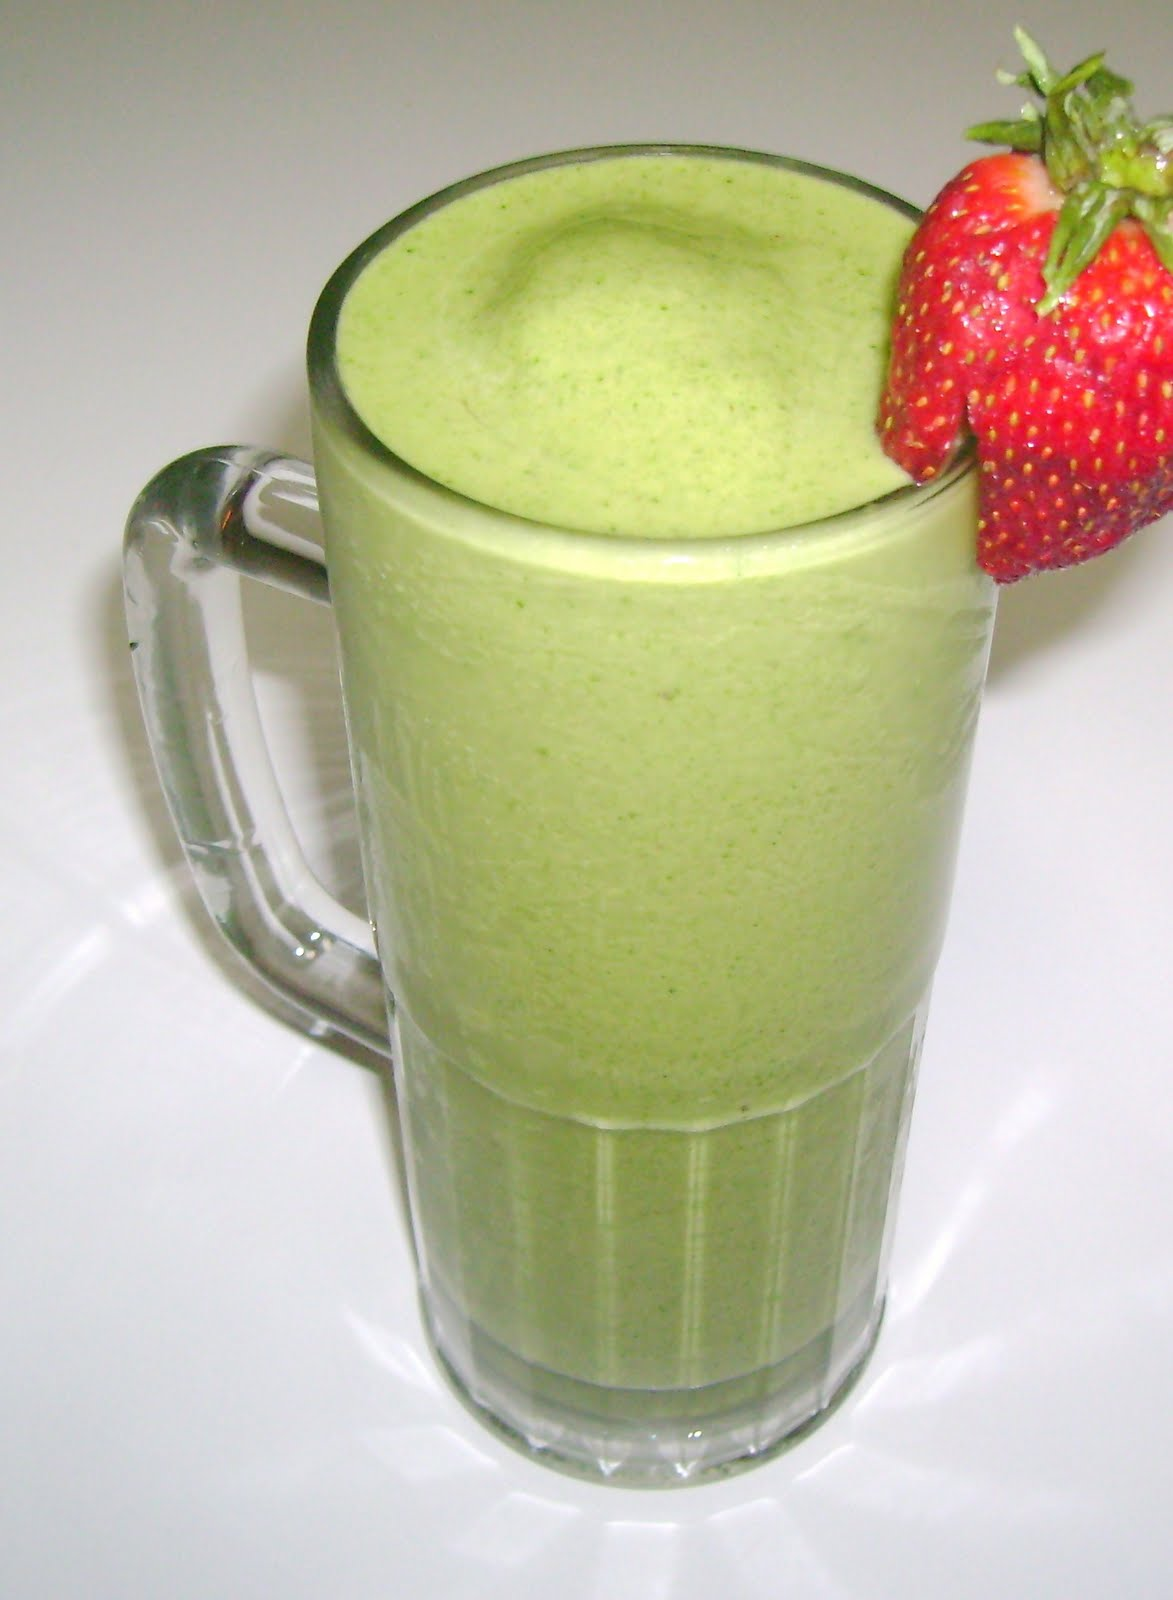 Petals Bath Boutique: Delicious Green Smoothie for Breakfast